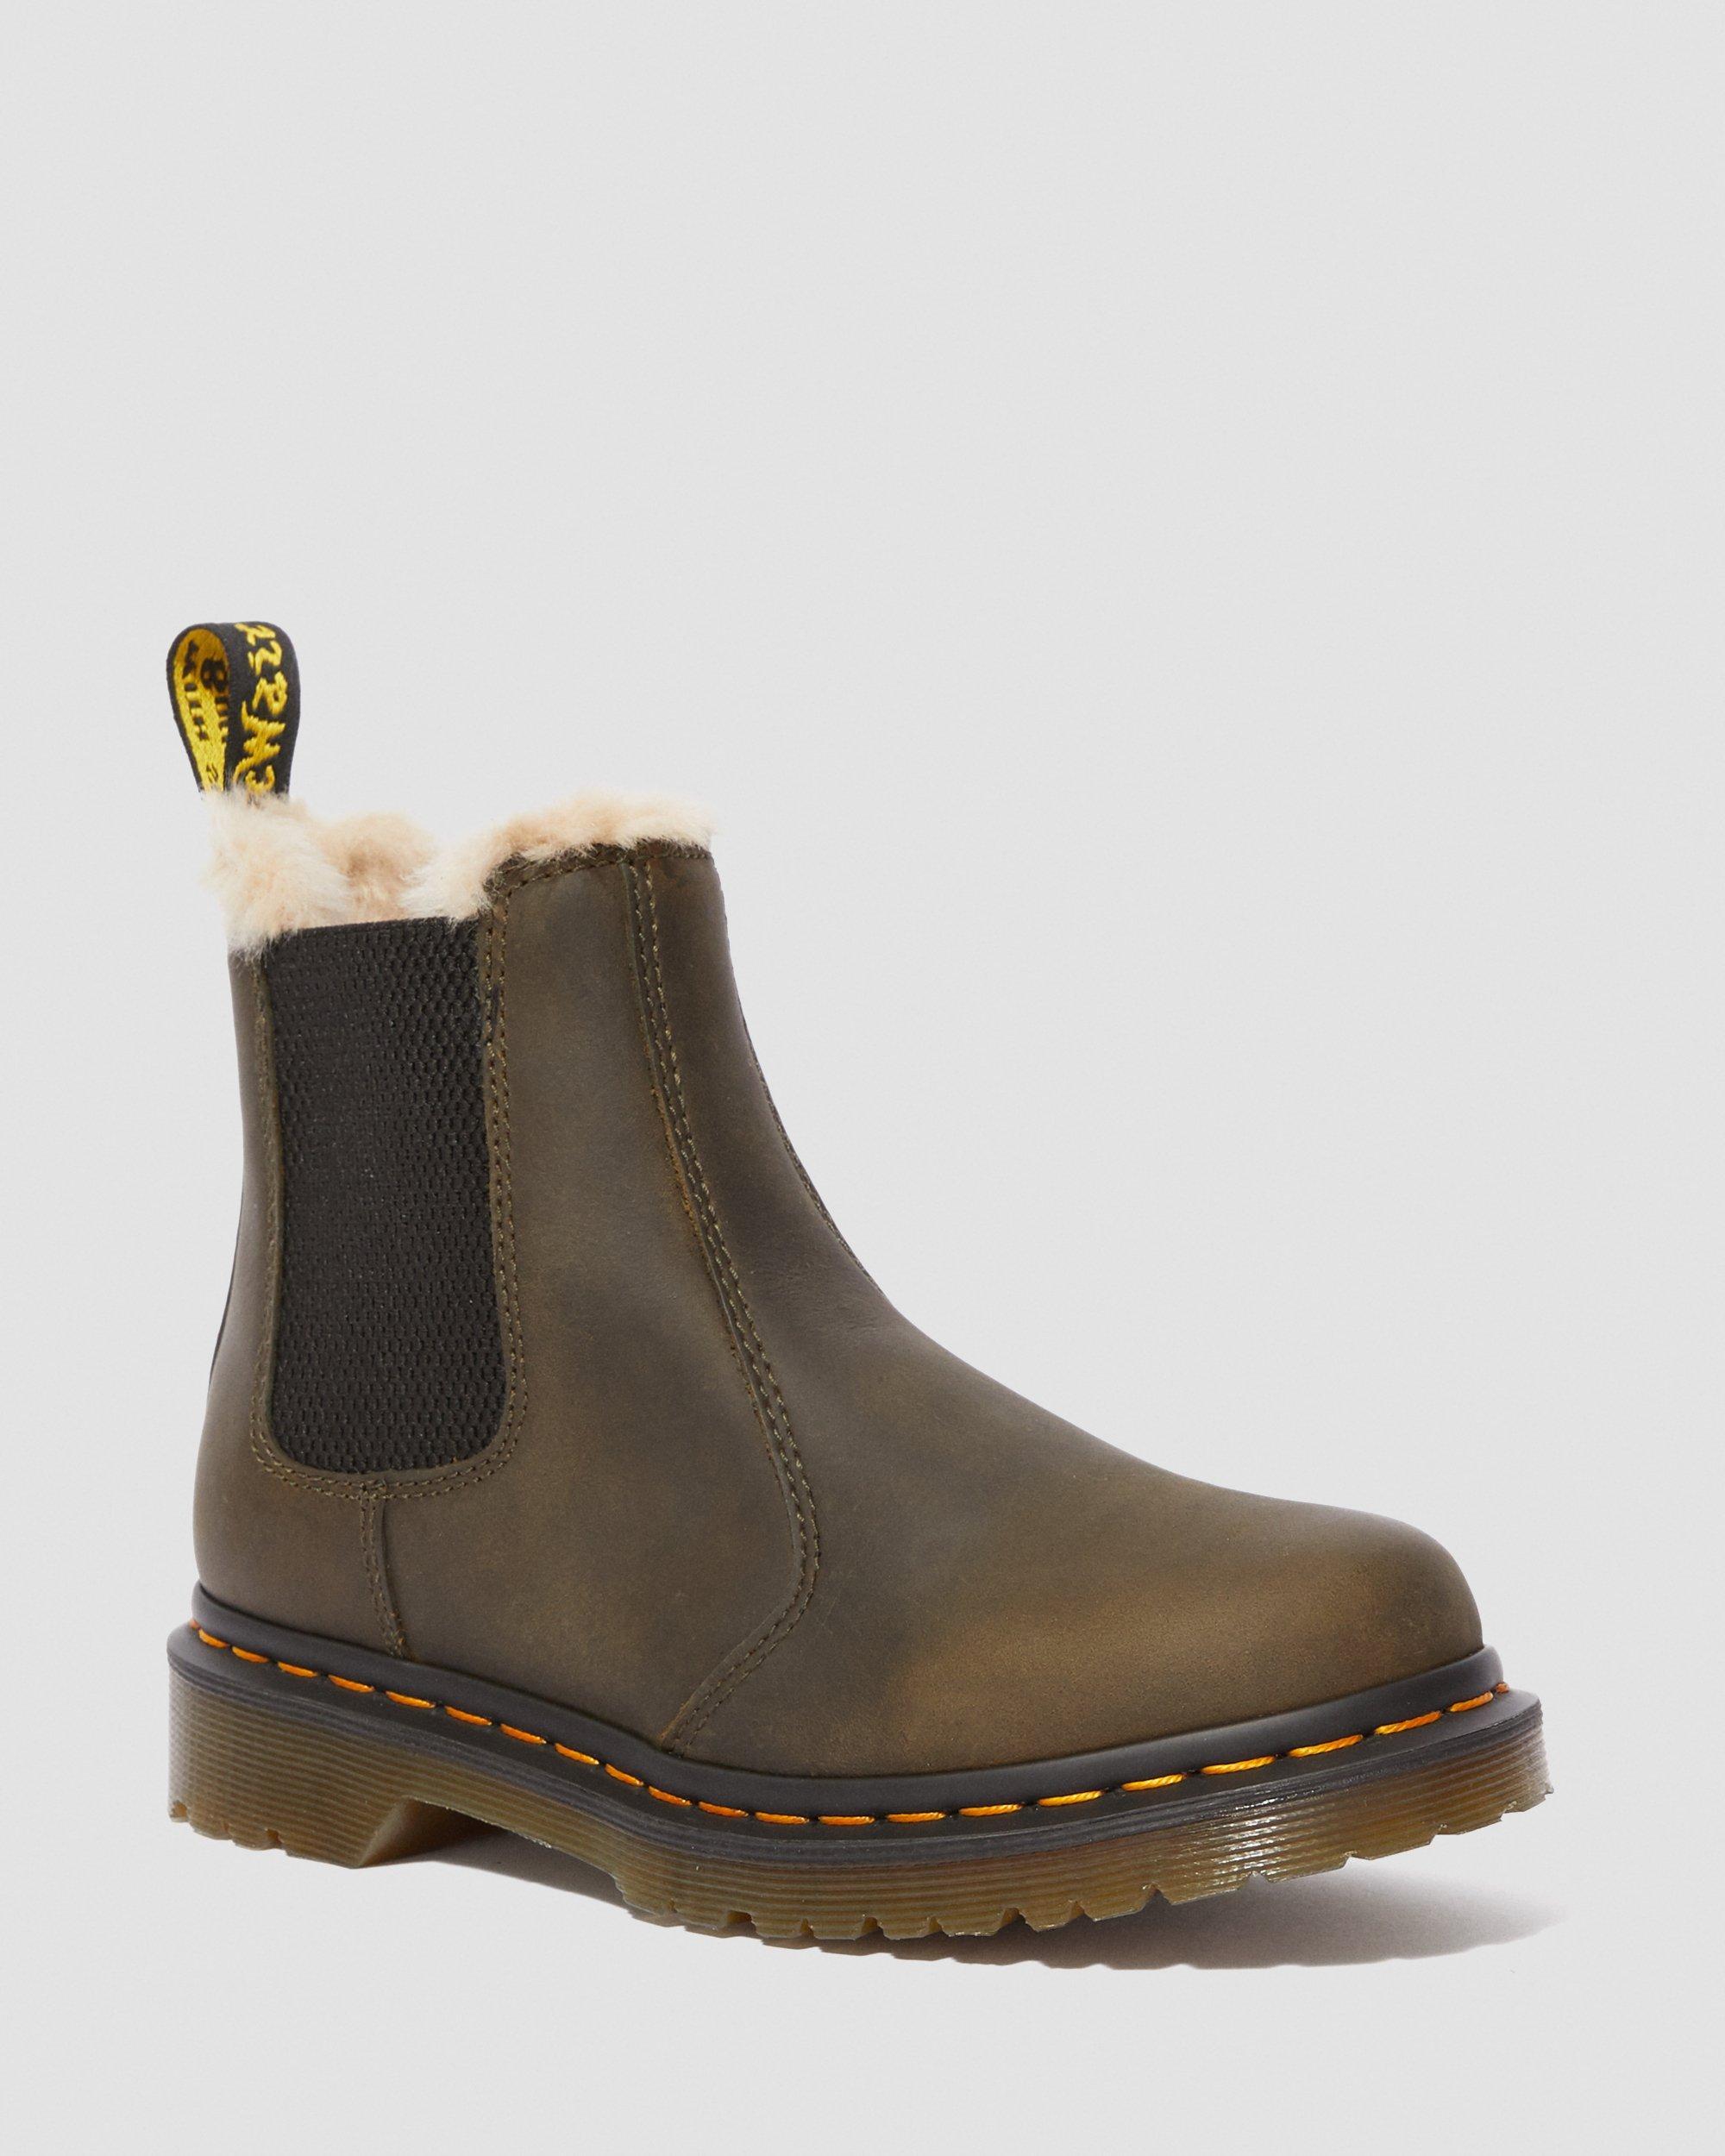 Dr. Martens FUR LINED 1460 SERENA ORLEANS Damen Stiefel Boots Schuhe Braun, Größe:37